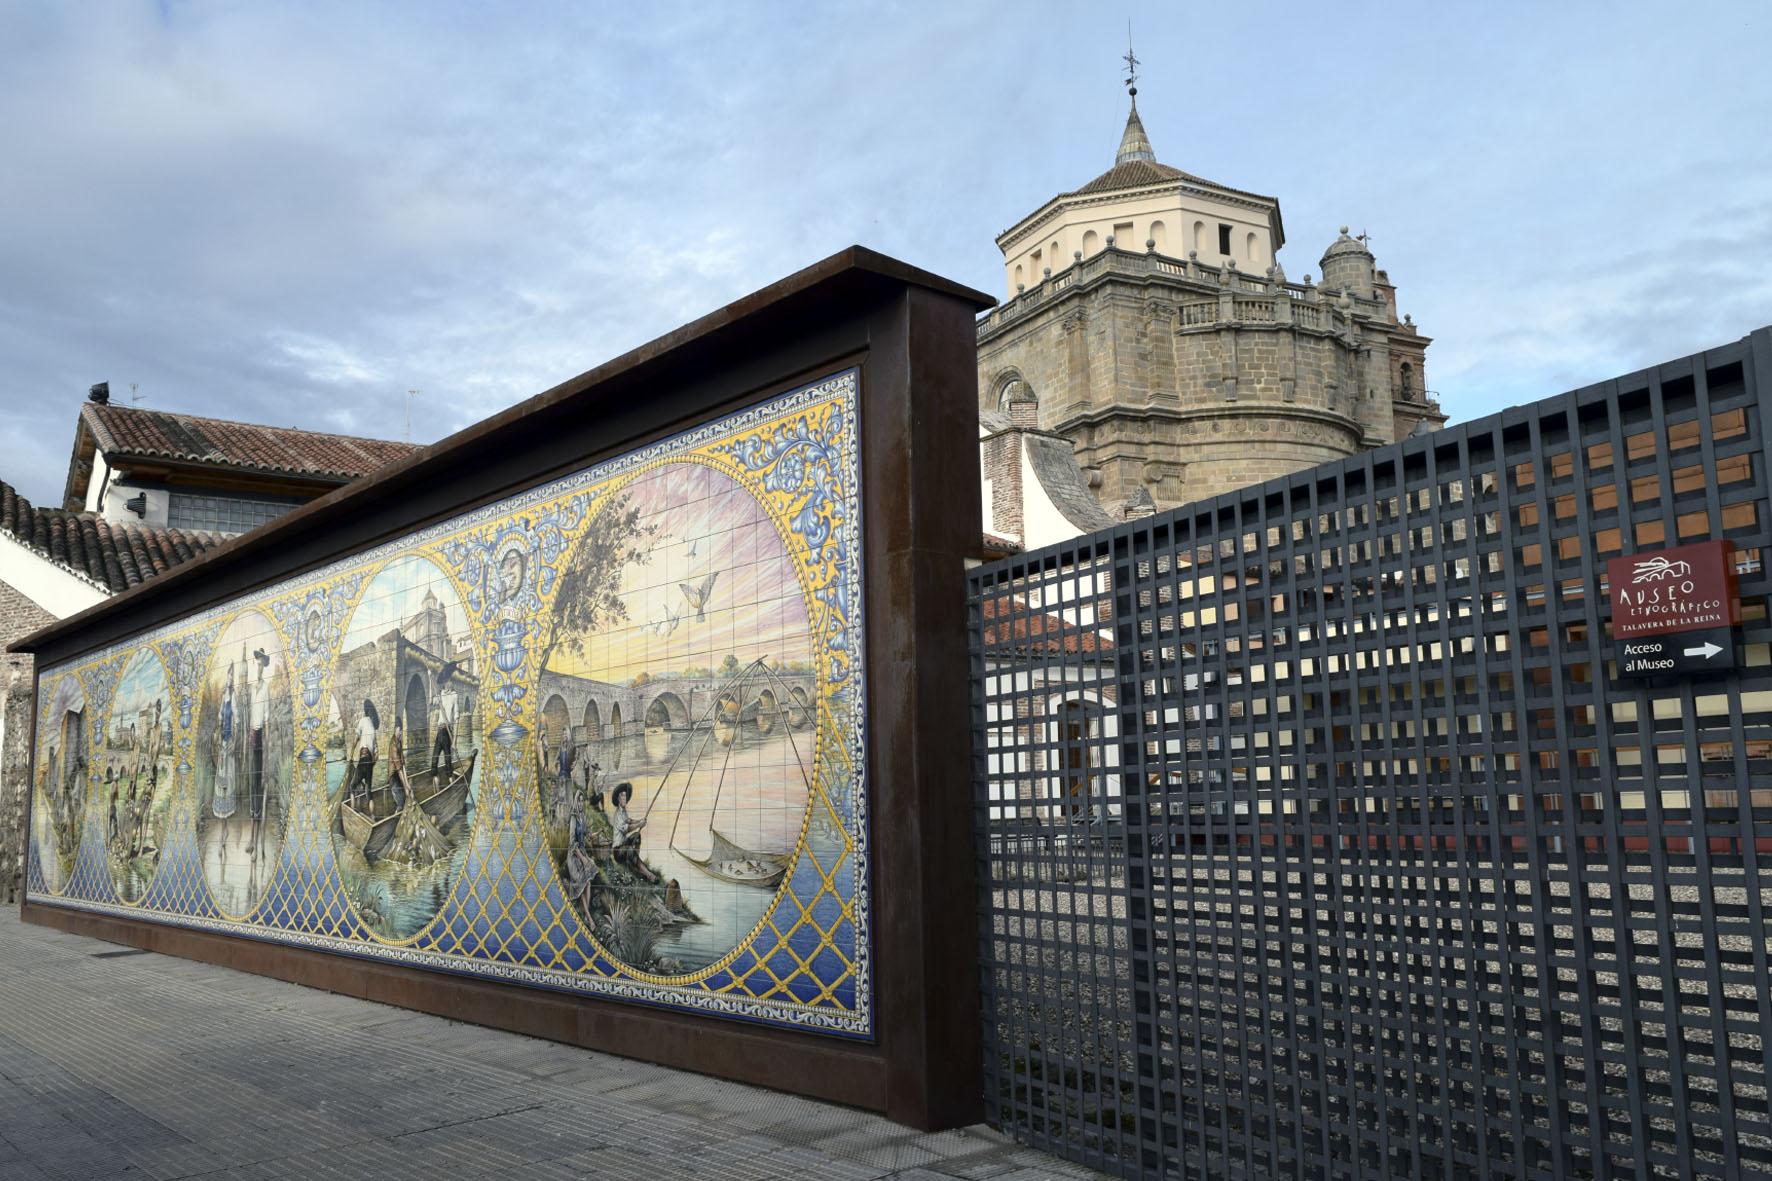 La fusión perfecta entre patrimonio cultural y turismo | UMA formación, tutoriales gratis y cursos sobre gestión del patrimonio cultural